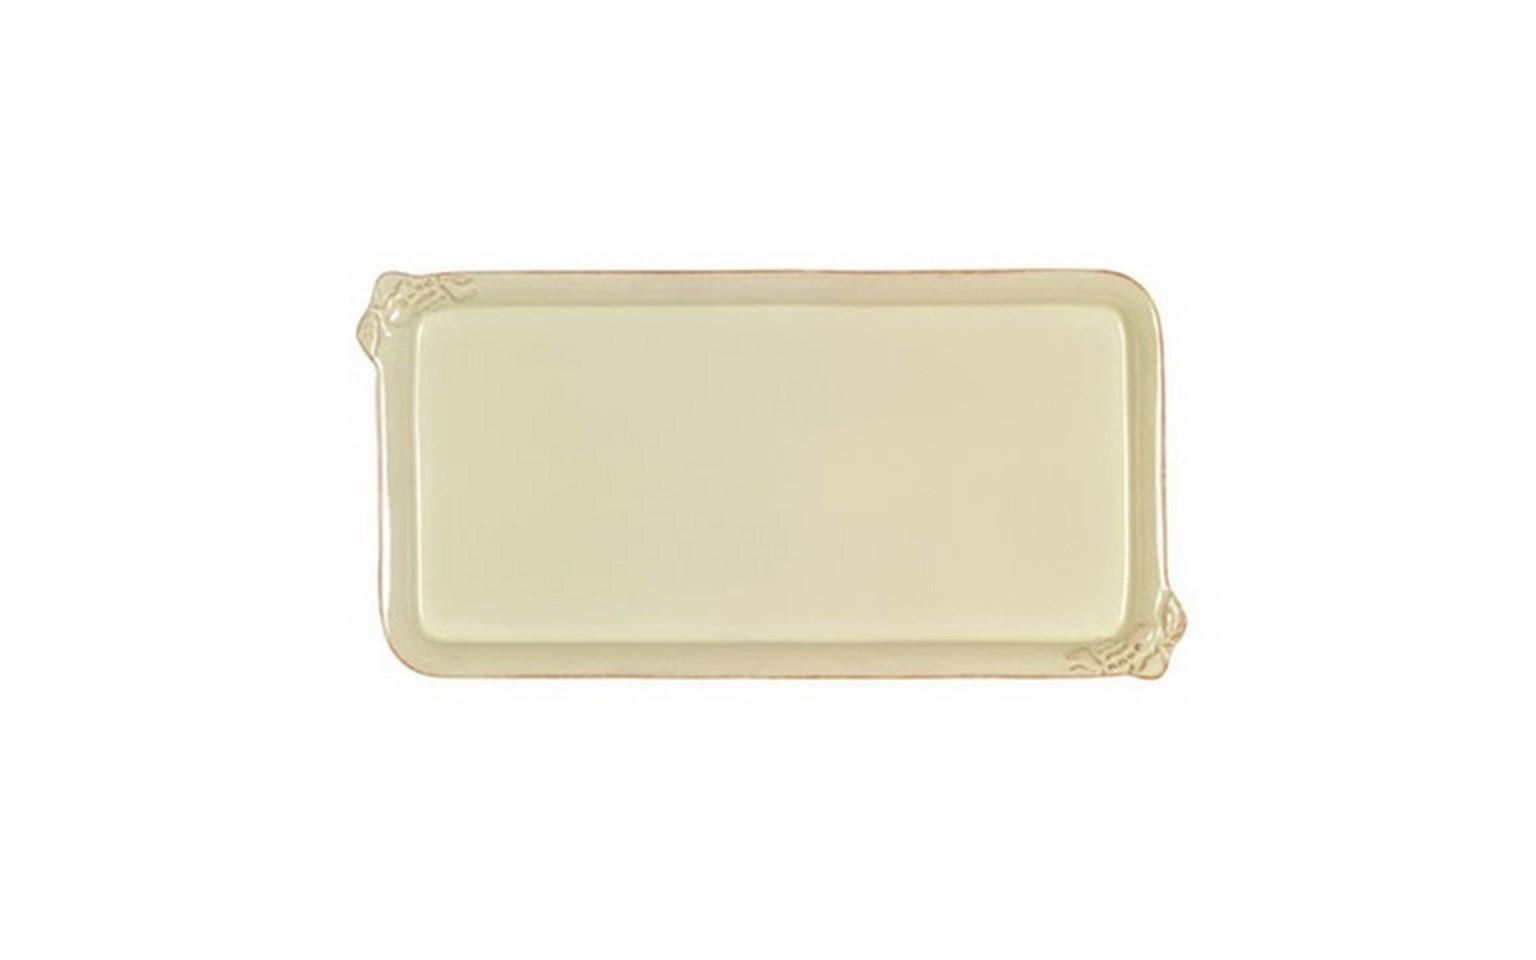 Поднос прямоугольныйДекоративные подносы<br>Costa Nova (Португалия) – керамическая посуда из самого сердца Португалии. Керамическая посуда Costa Nova абсолютно устойчива к мытью, даже в посудомоечной машине, ее вполне можно использовать для замораживания продуктов и в микроволновой печи, при этом можно не бояться повредить эту великолепную глазурь и свежие краски. Такую посуду легко мыть, при ее очистке можно использовать металлические губки – и все это благодаря прочному глазурованному покрытию. Все серии посуды от Costa Nova отвечают международным стандартам качества. Керамическая посуда от Costa Nova не содержит такие вещества, как свинец и кадмий.<br><br>Material: Керамика